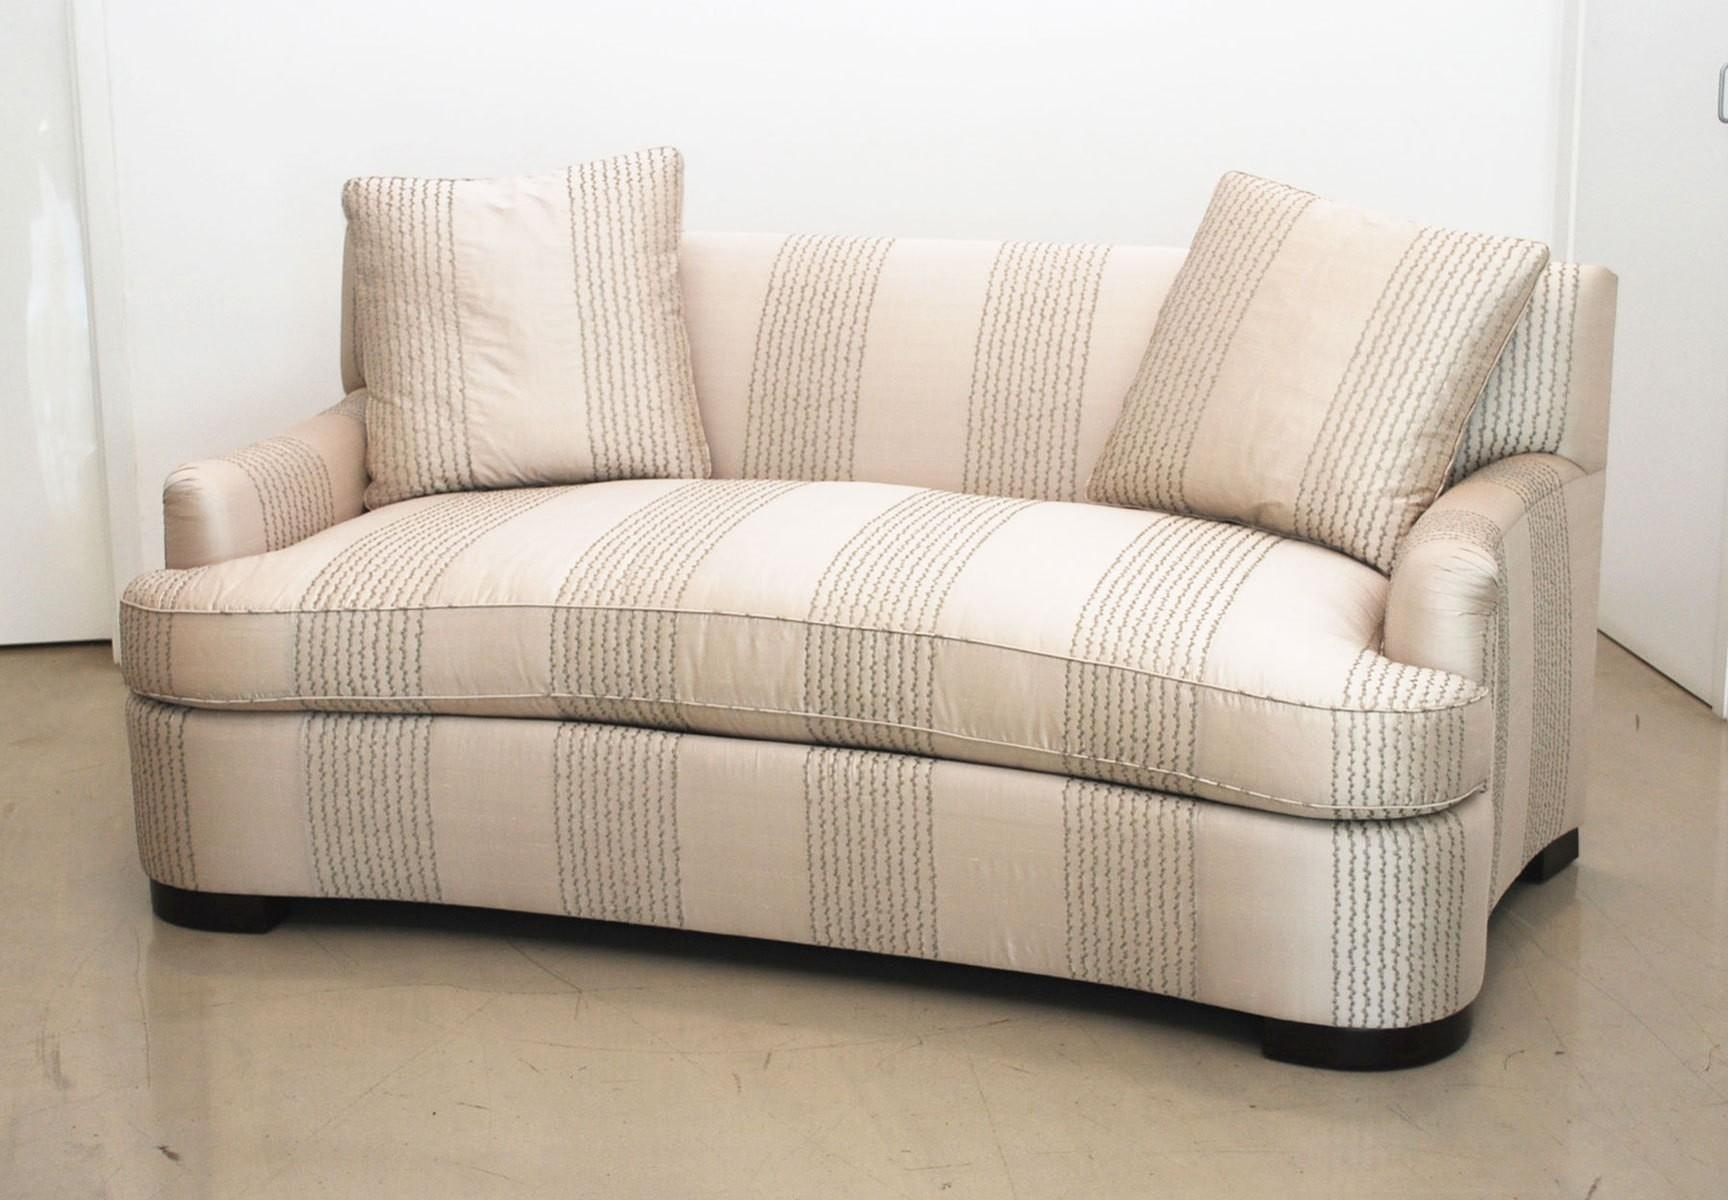 Modern Sofas Houston – Fjellkjeden With Regard To Modern Sofas Houston (Image 10 of 20)